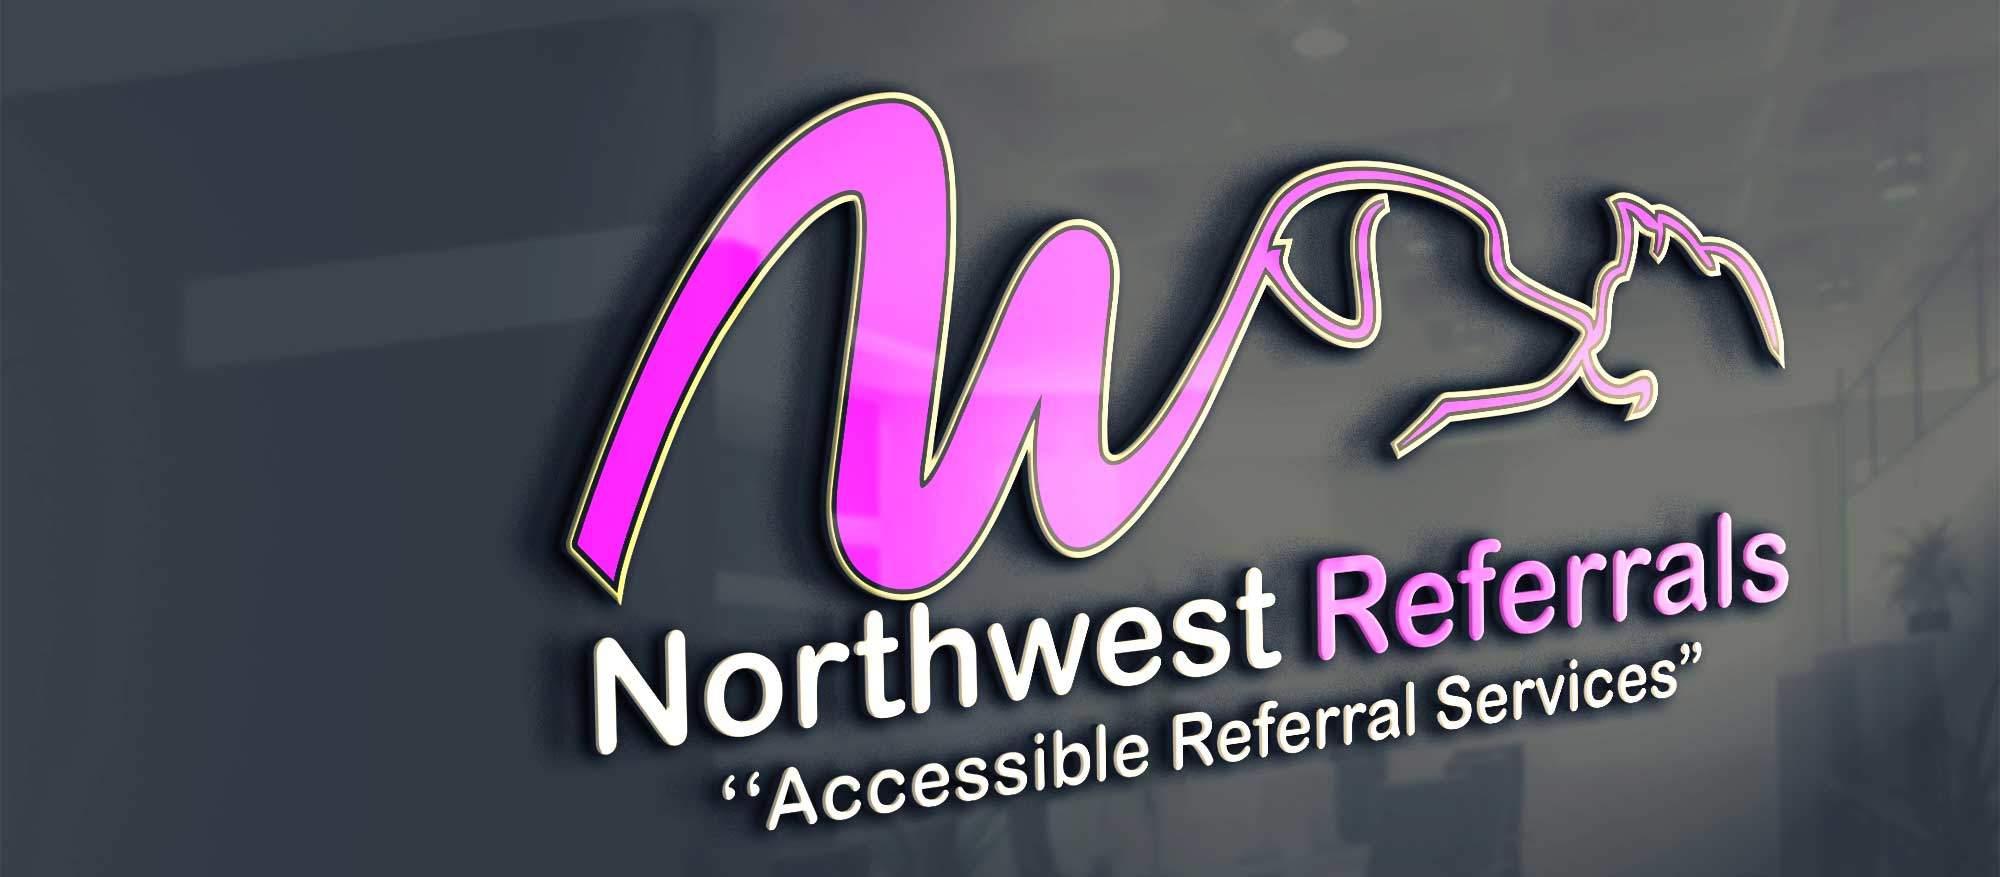 Northwest Referrals